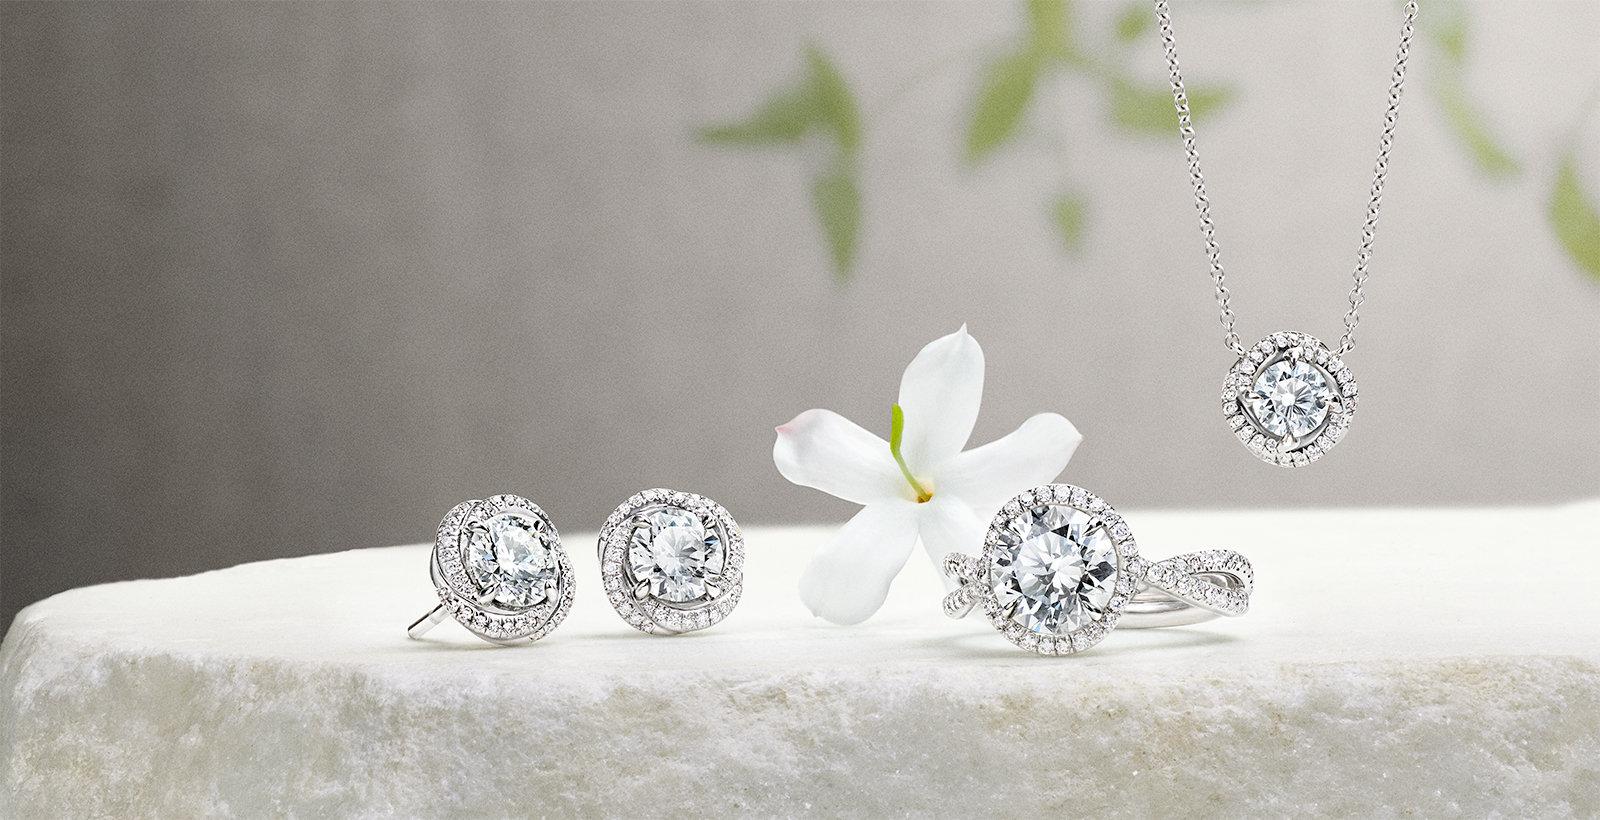 铂金钻石耳环、戒指和吊坠,与茉莉花一同摆放在一块石头上。